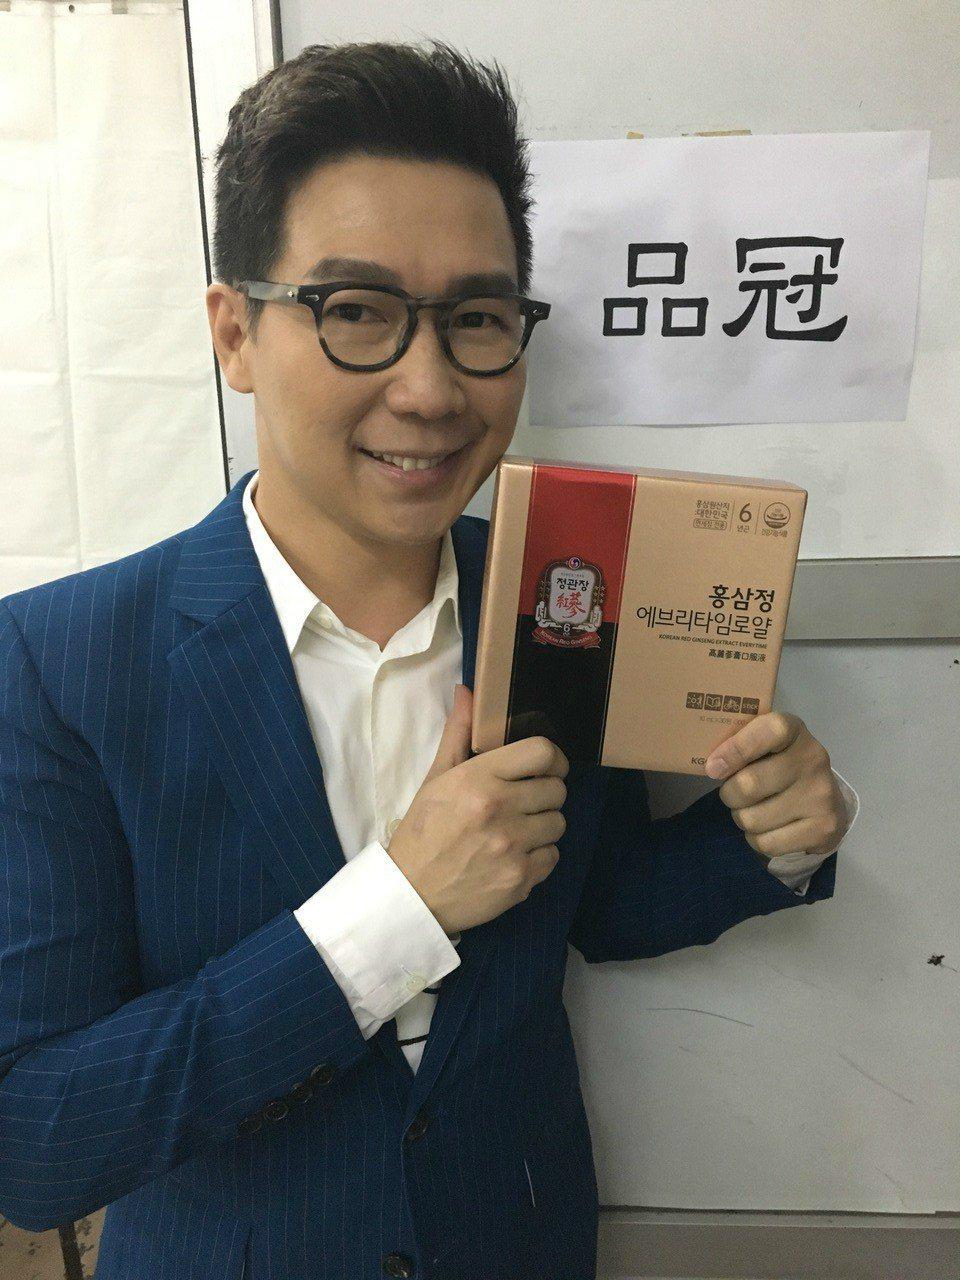 韓方回贈品冠韓國人蔘。圖/種子音樂提供